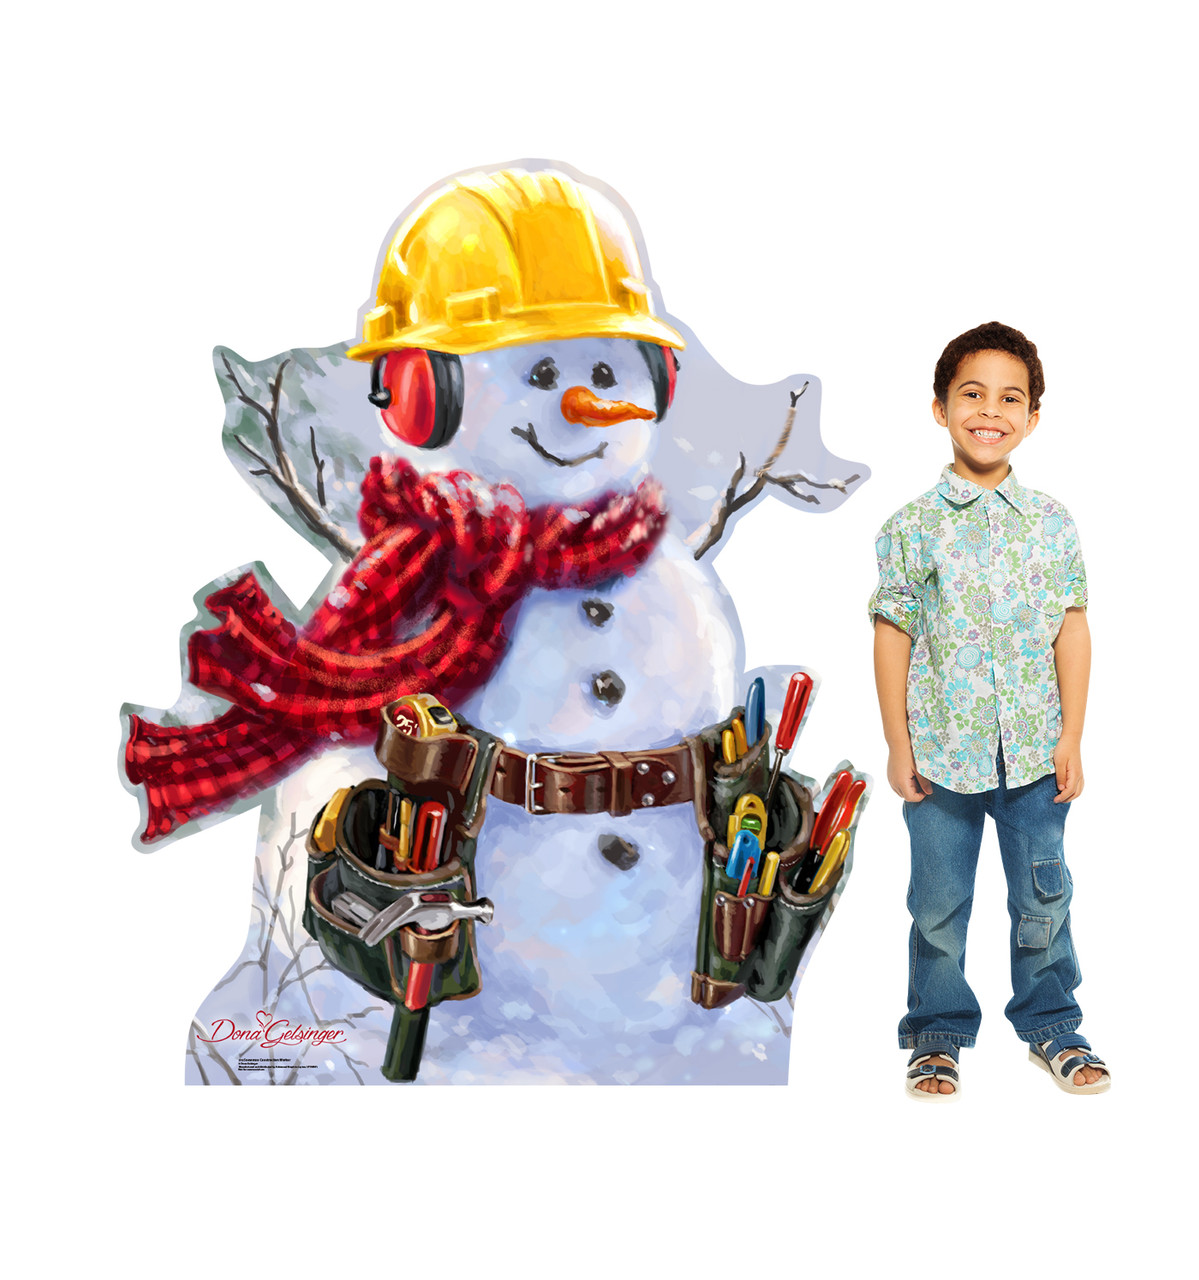 Snowman Construction Worker Cardboard Cutout - Dona Gelsinger -  2113